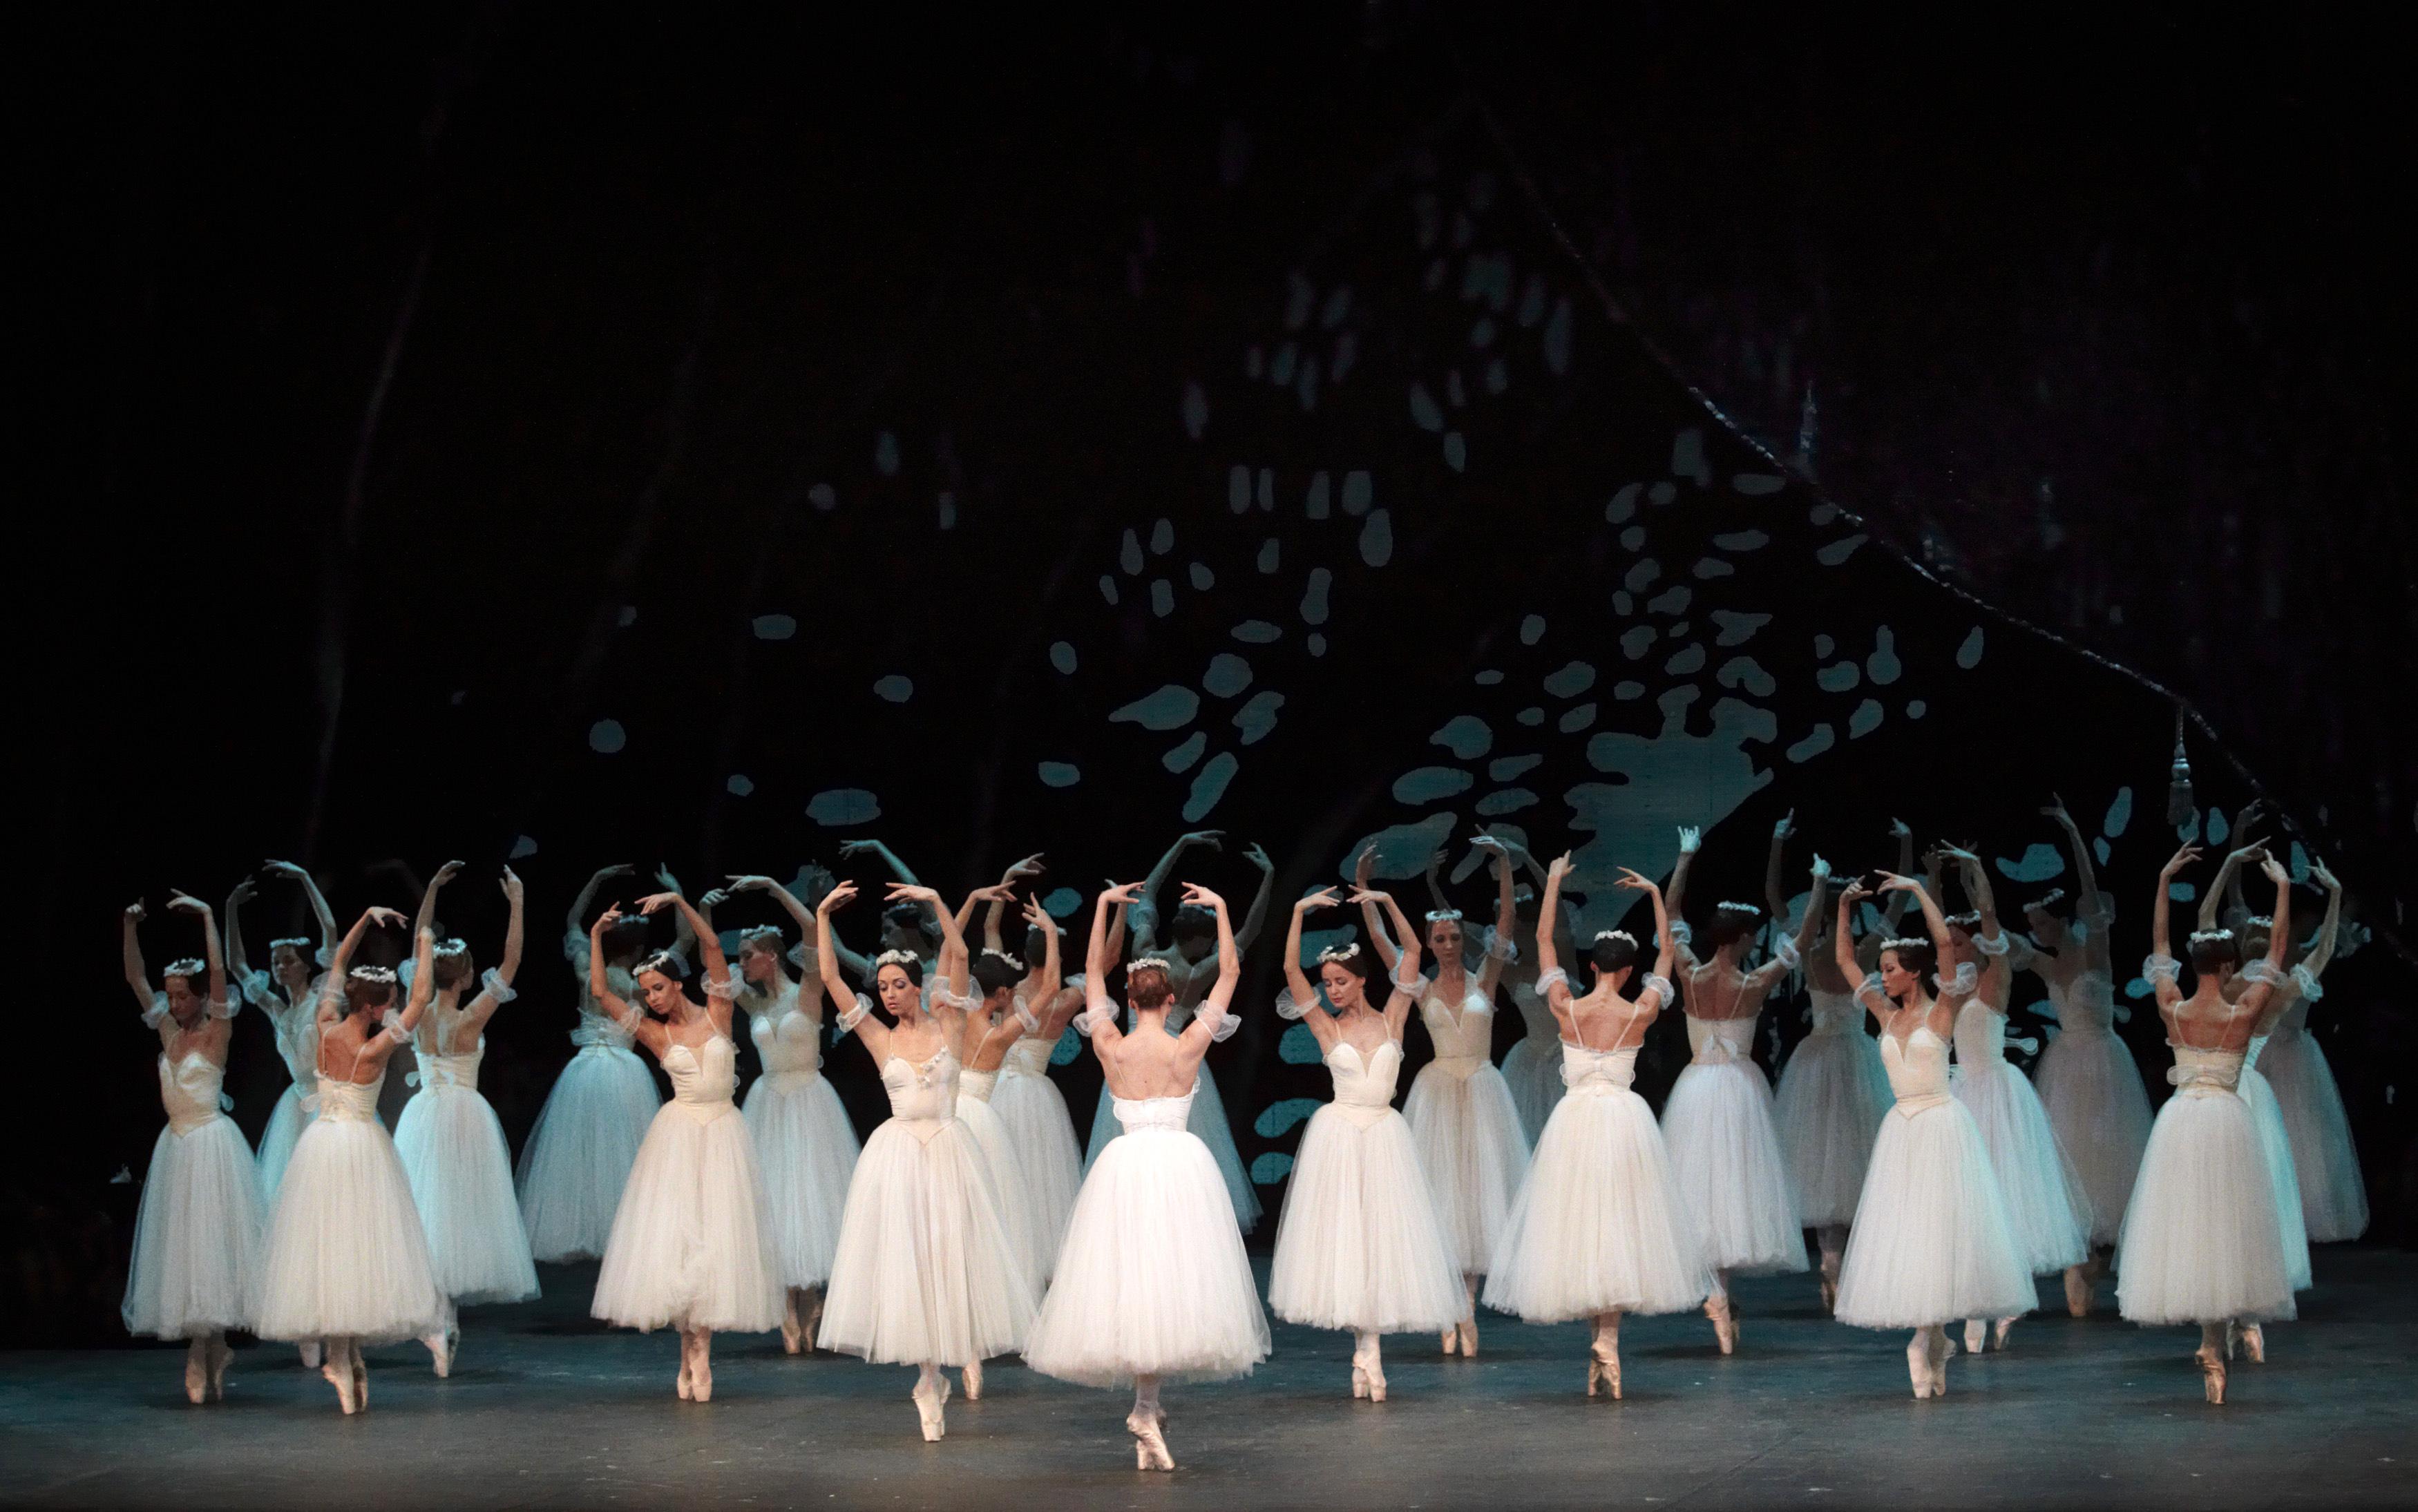 bolshoi dancers perform the gisele ballet at the palais de beaulieu theater in lausanne